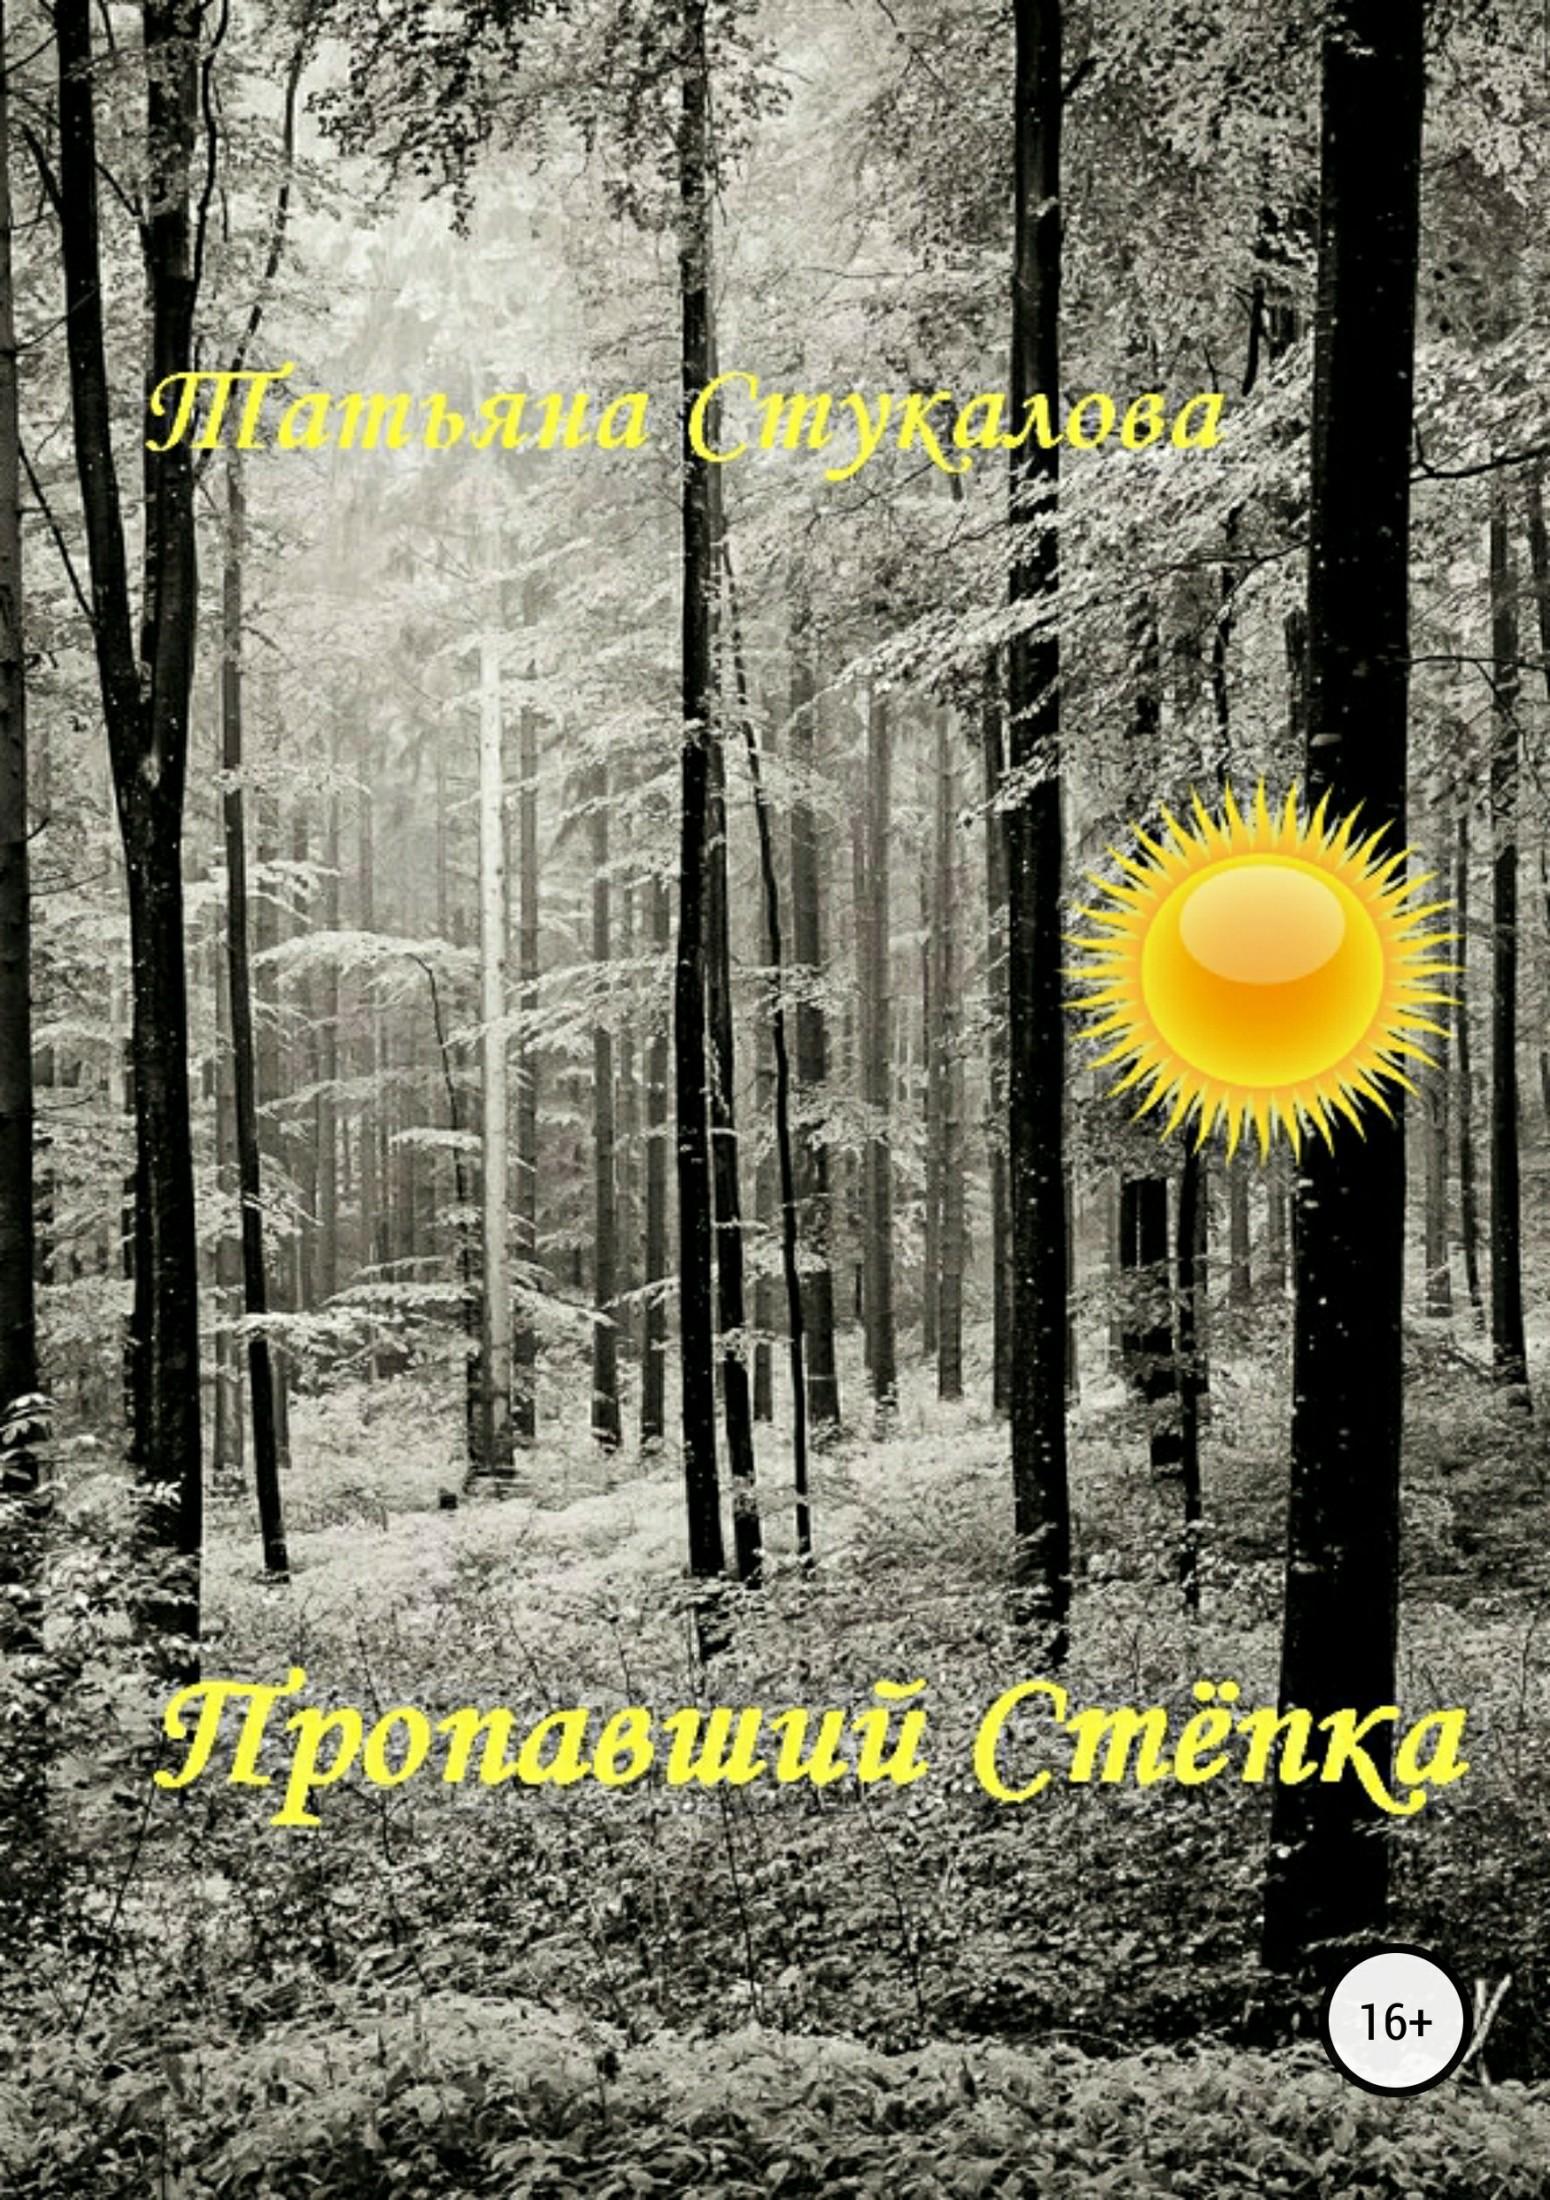 Татьяна Стукалова. Пропавший Стёпка